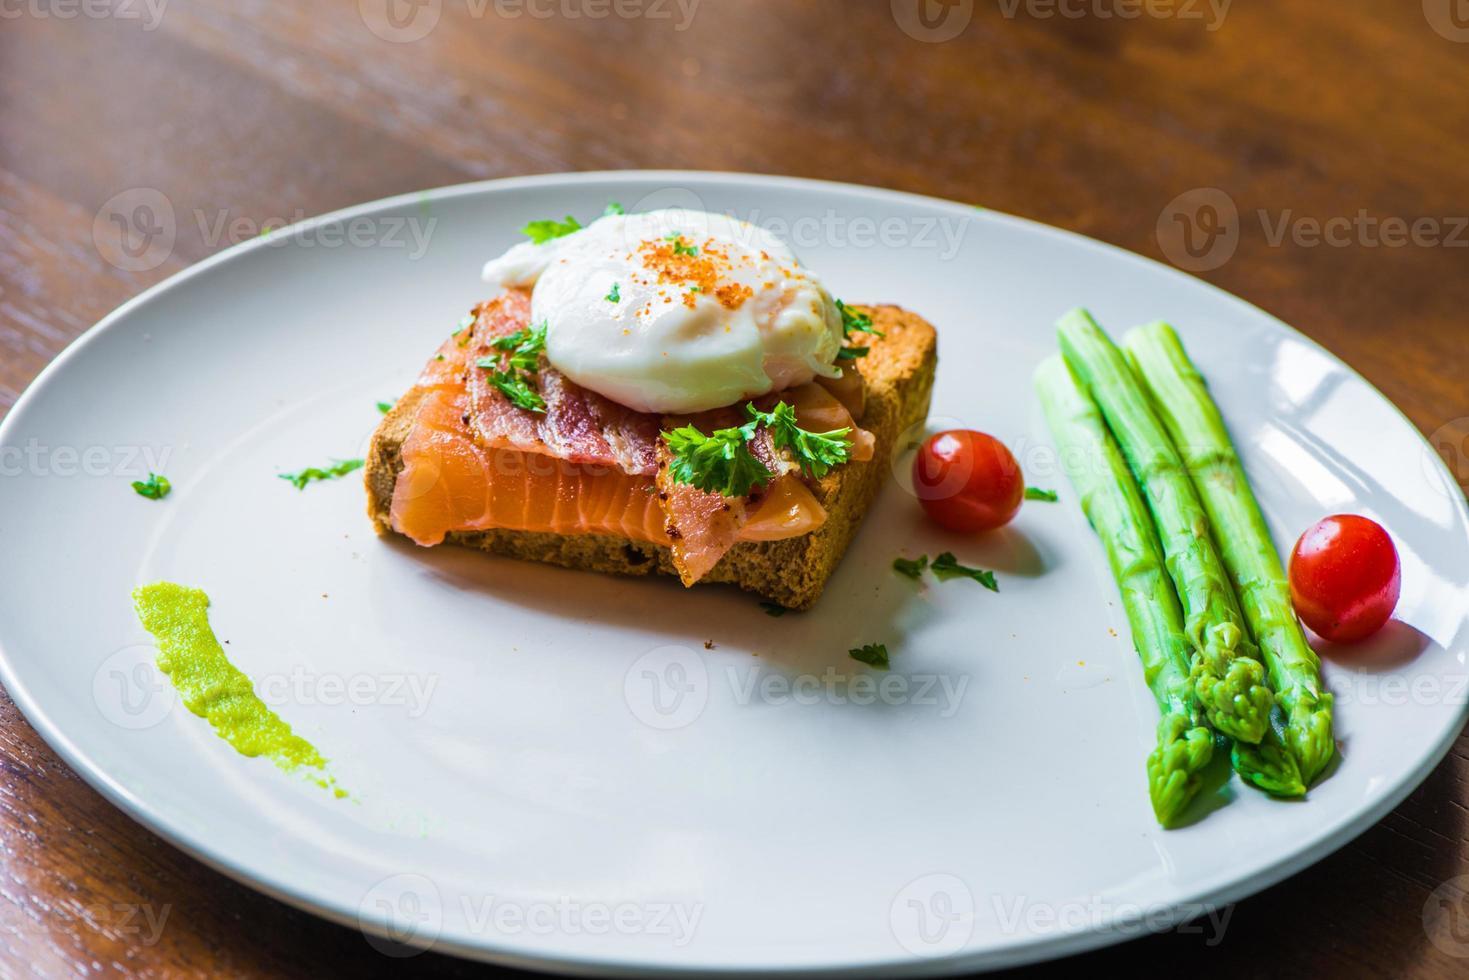 sandwich con huevo escalfado, jamón de parma y salmón foto